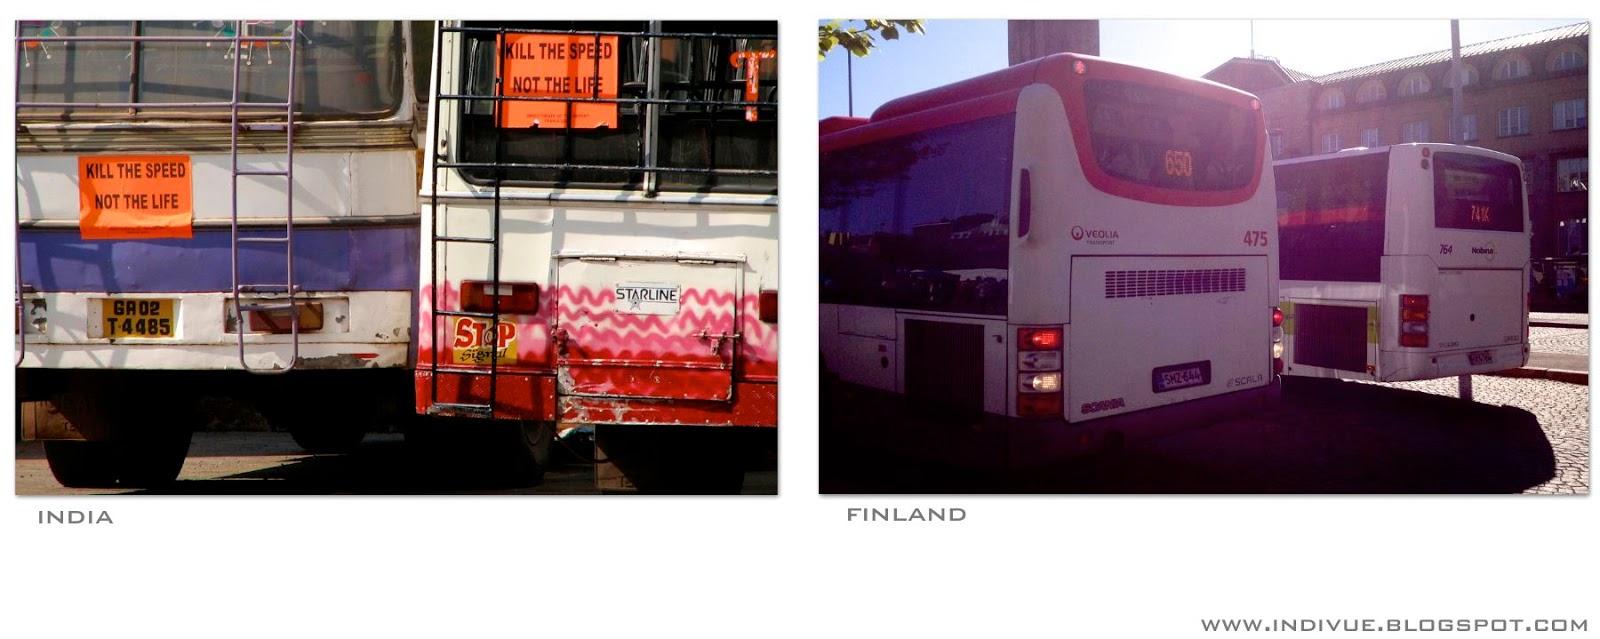 Intialainen bussi ja suomalainen bussi